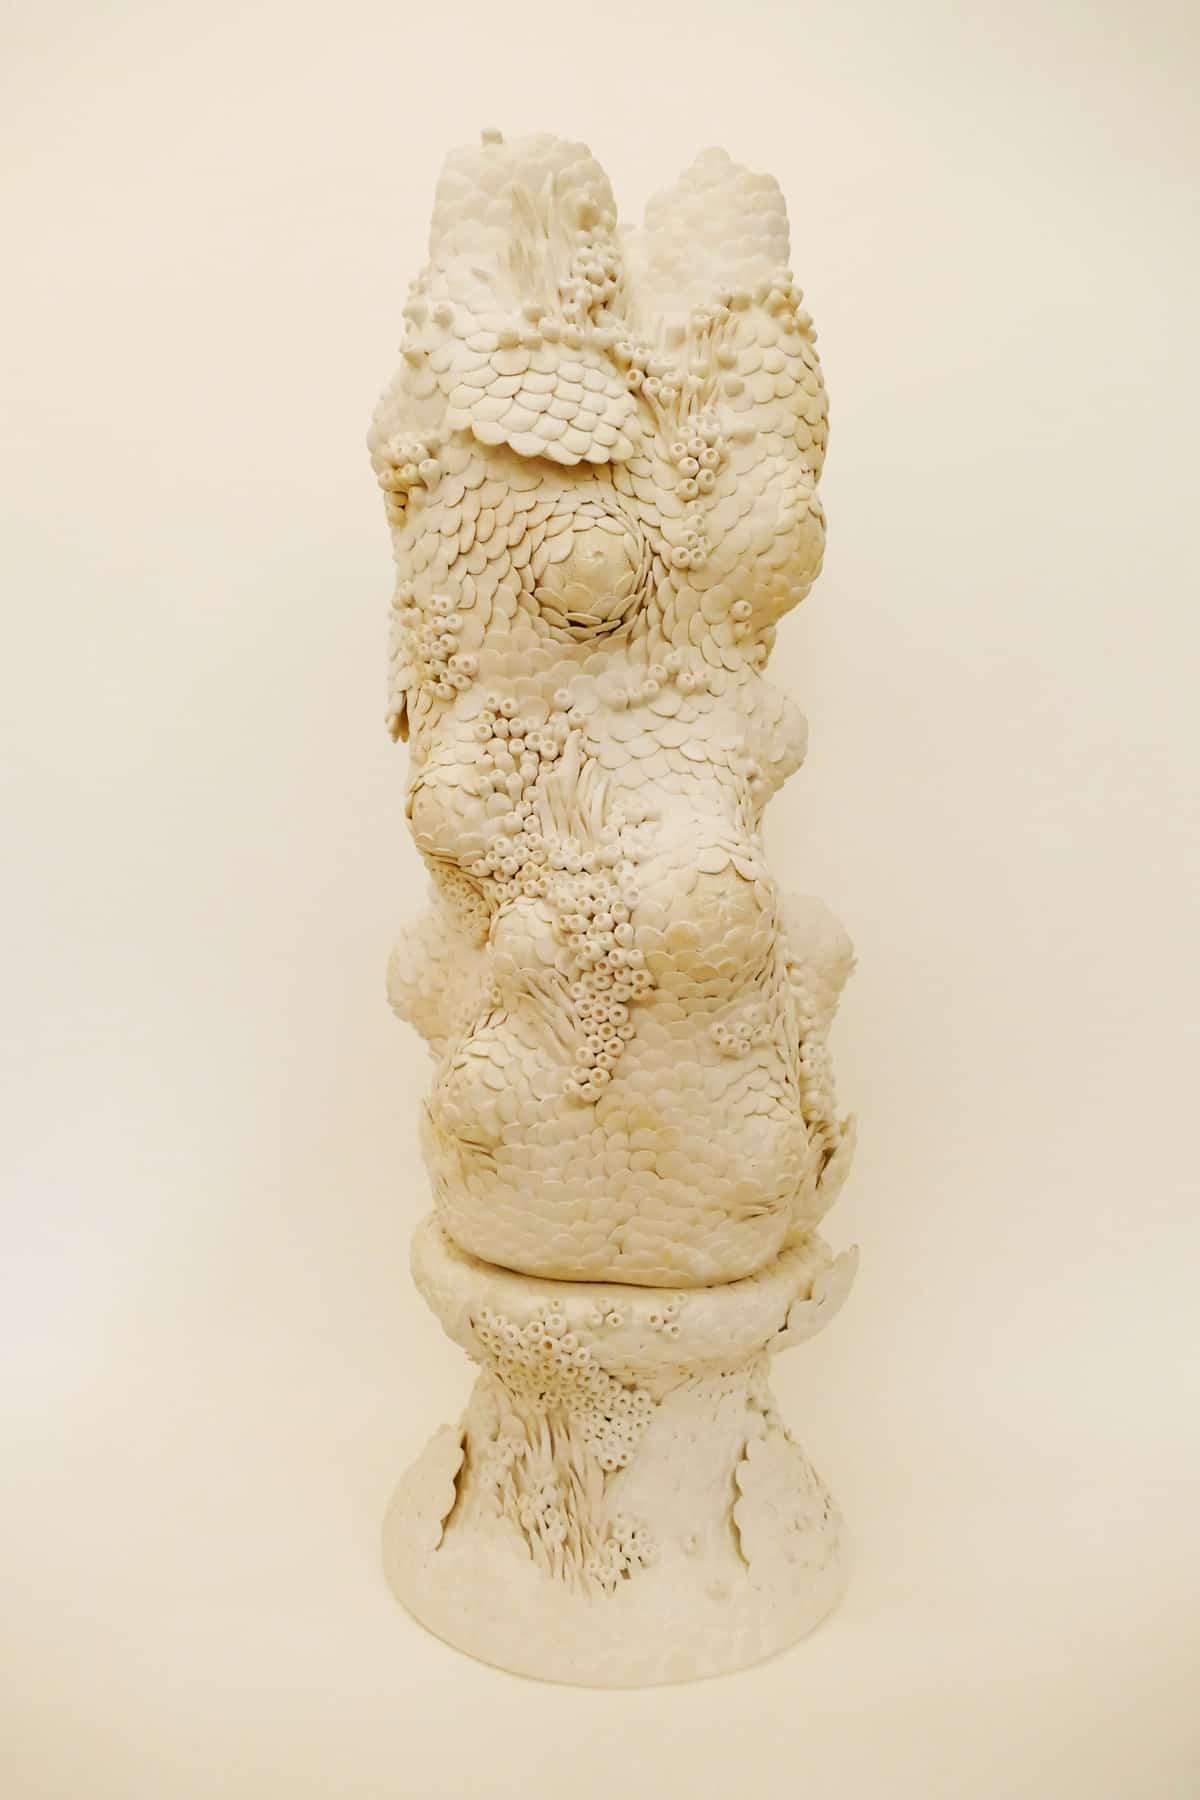 Les précieuse I, 2021 Grès, engobe blanc, couverte mat L 25 x H 63 cm, MP-2105 ©Muriel Persil